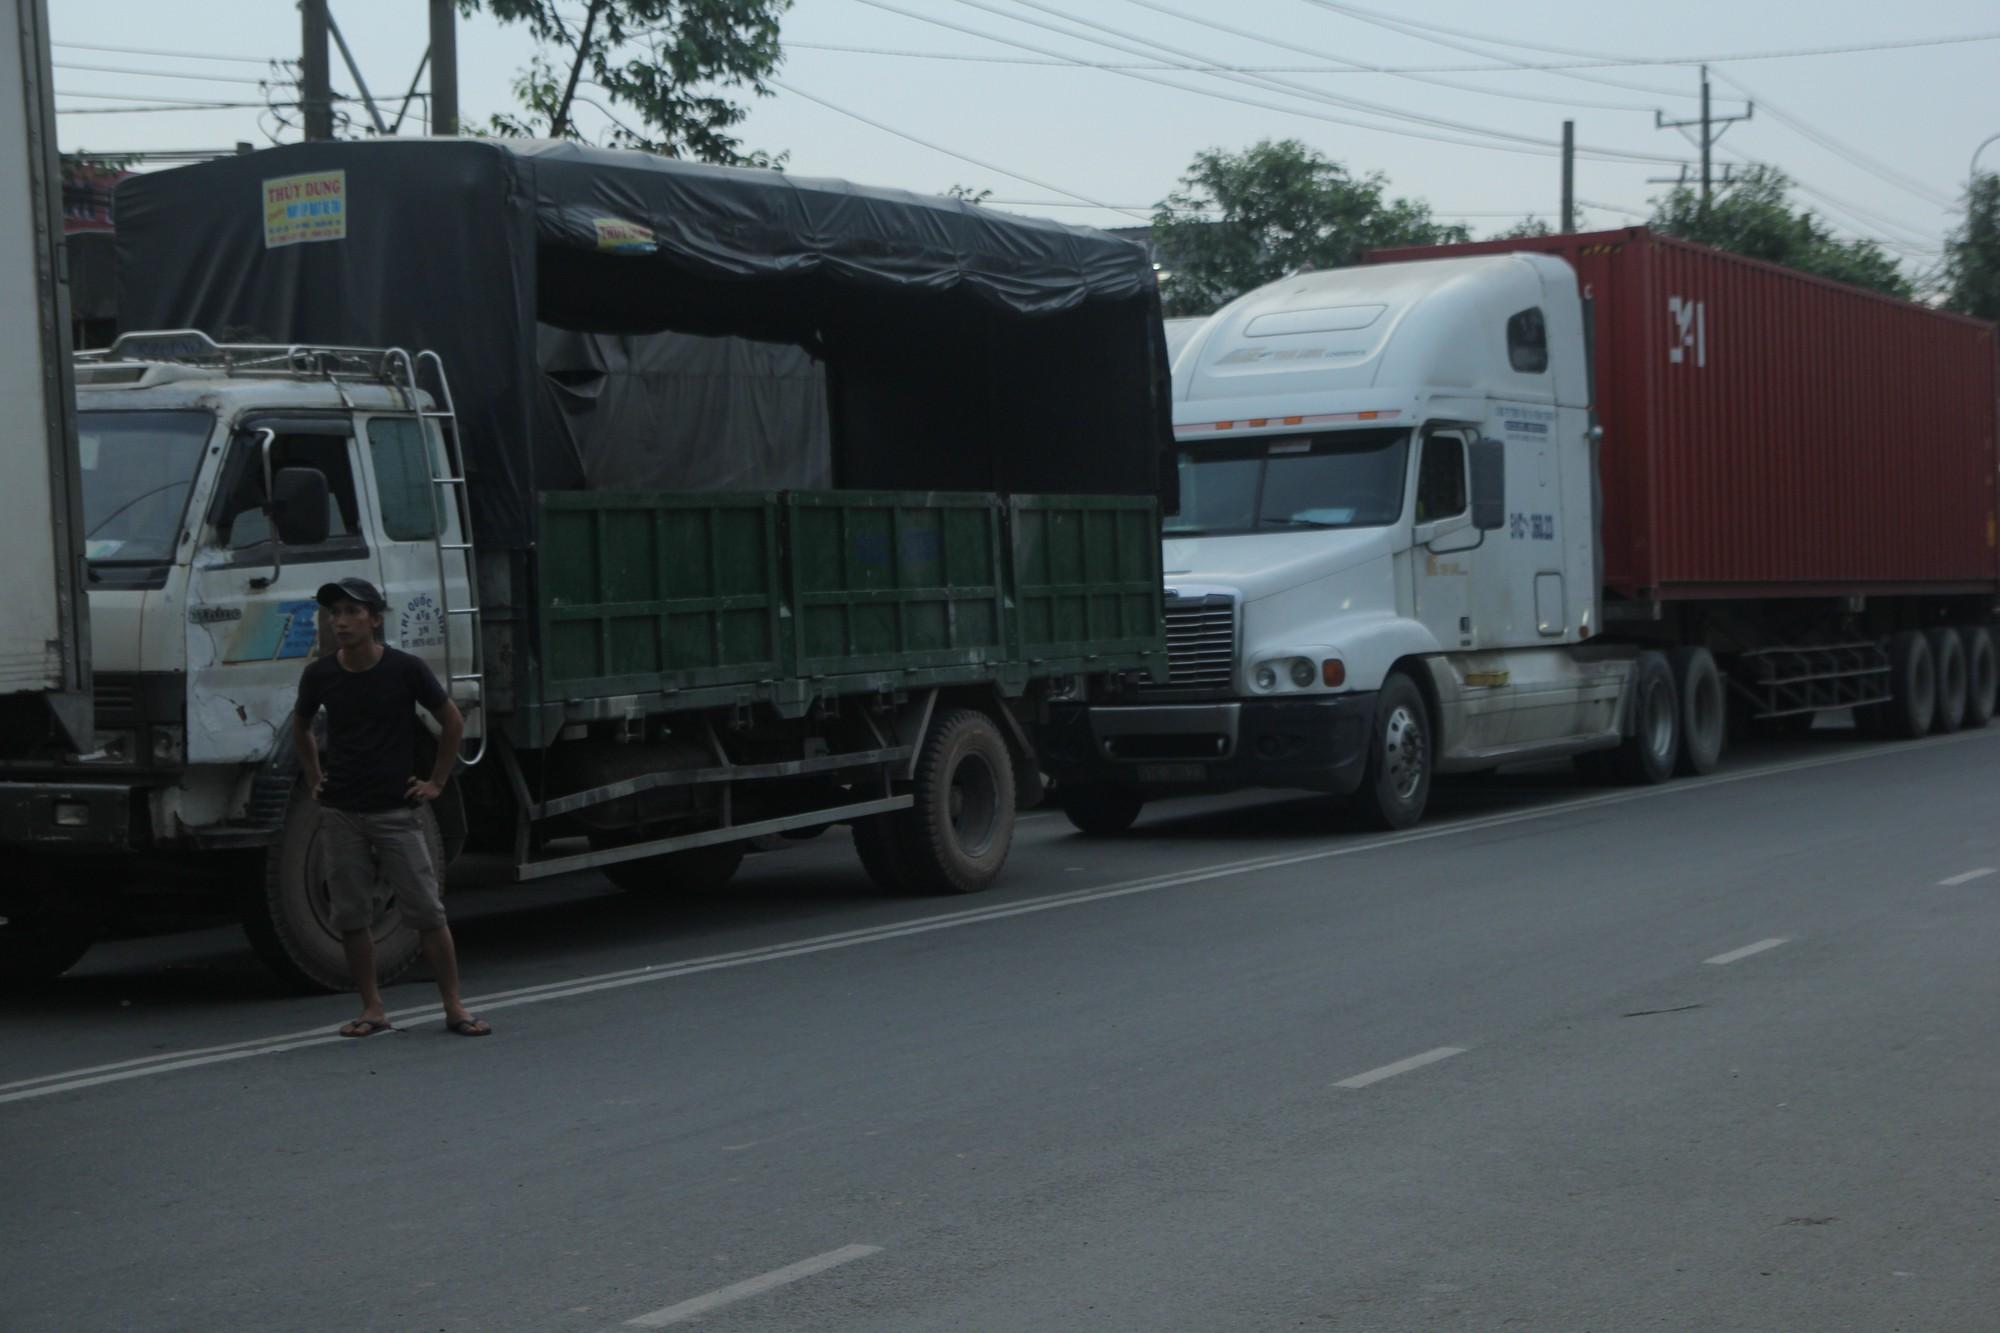 Hàng trăm phương tiện chôn chân trên đường, giao thông tê liệt - Ảnh 10.